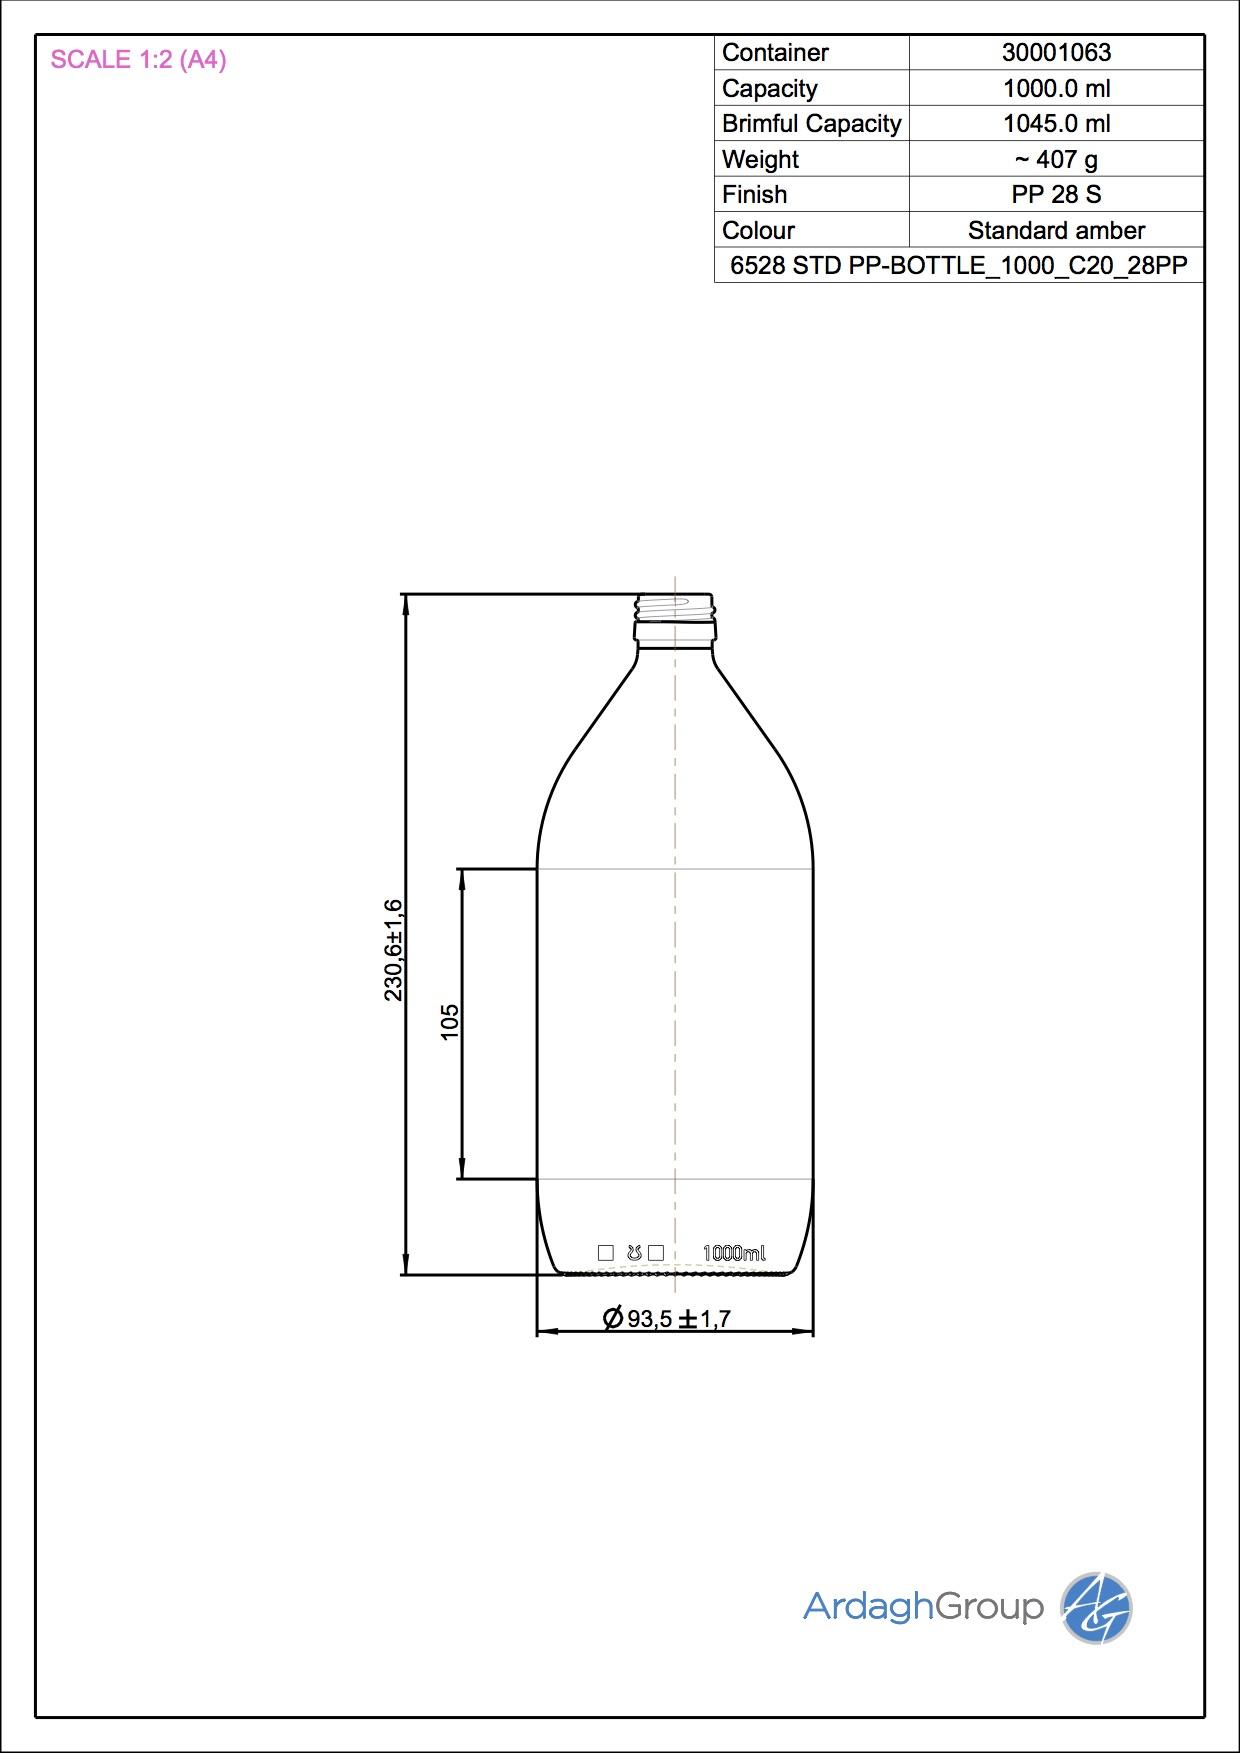 STD PHARMA PILFER 1000 C20 28PP